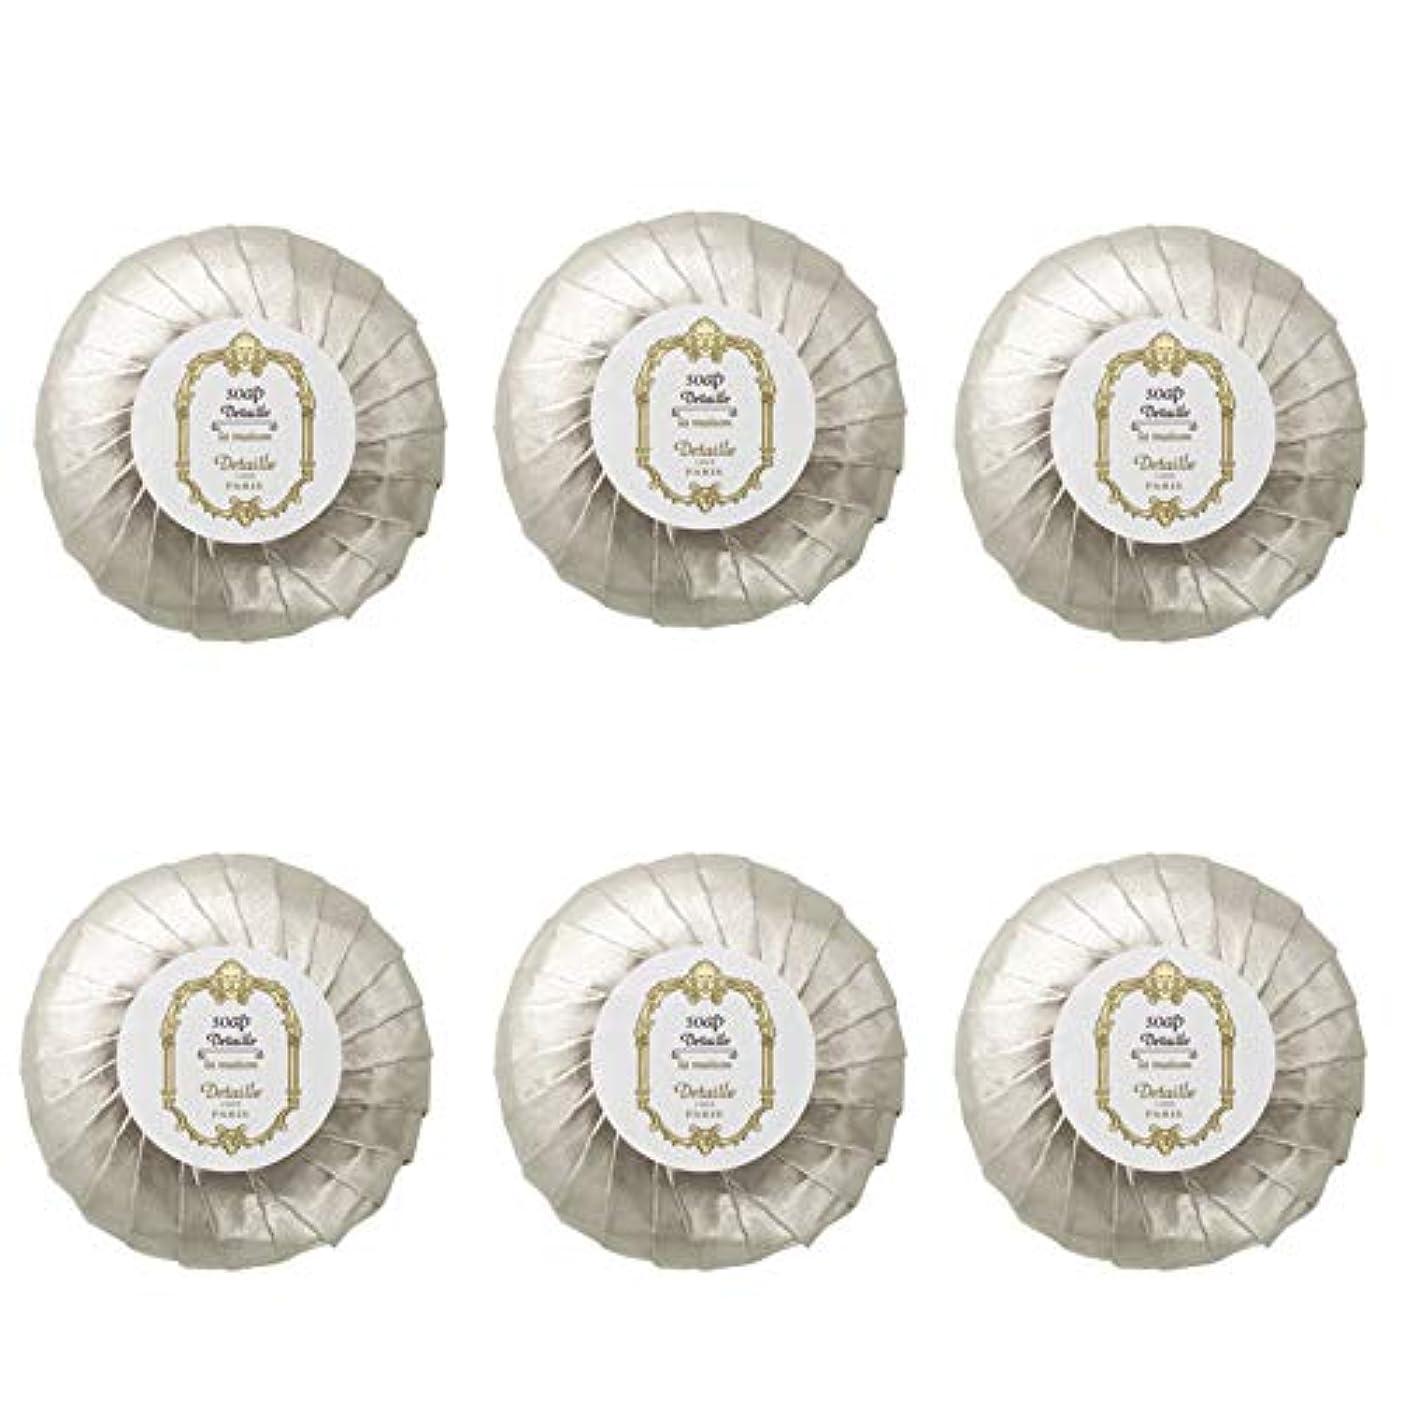 お気に入りアパル報復するPOLA デタイユ ラ メゾン スキンソープ 固形石鹸 (プリーツ包装) 50g×6個